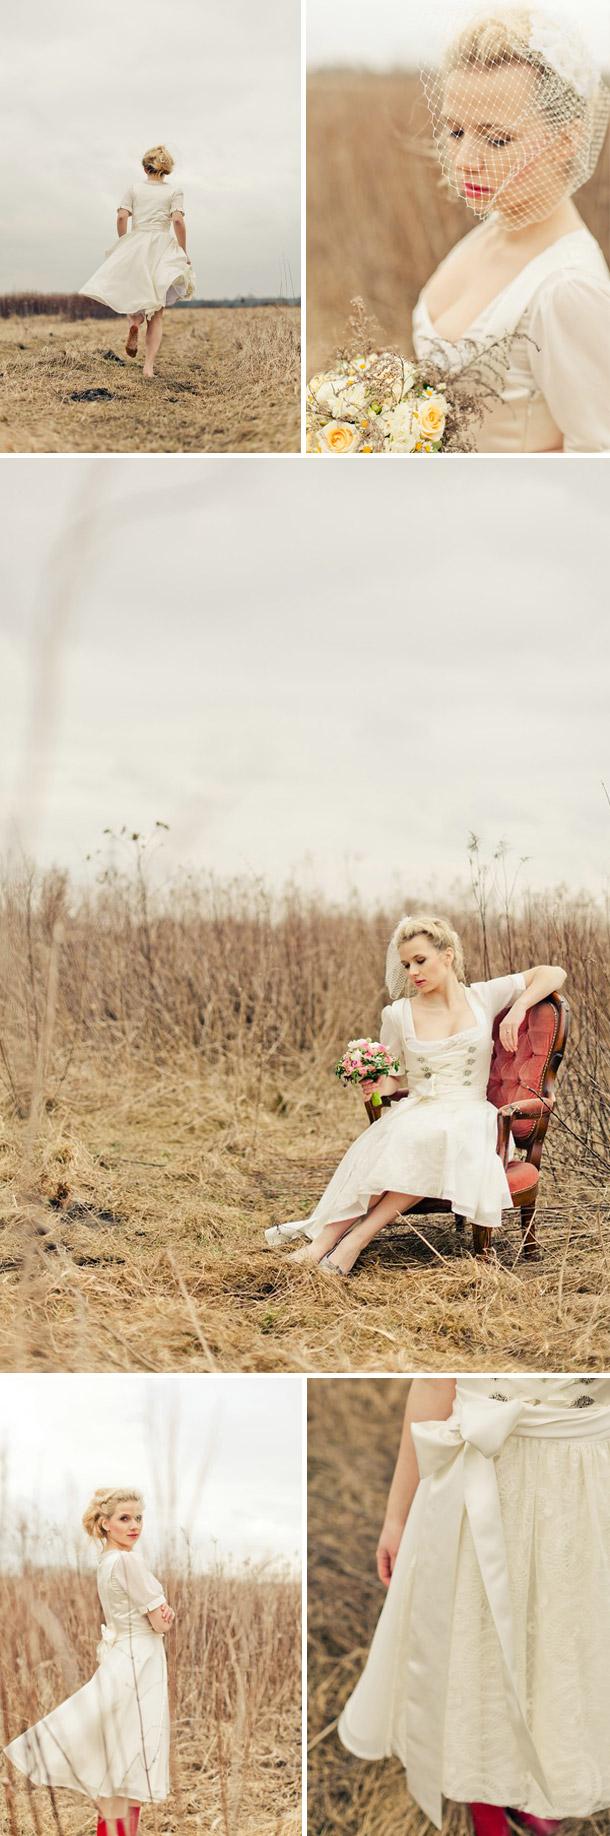 Romantische Hochzeitsdirndl von Di Lommi bei Sabrina Beerbaum